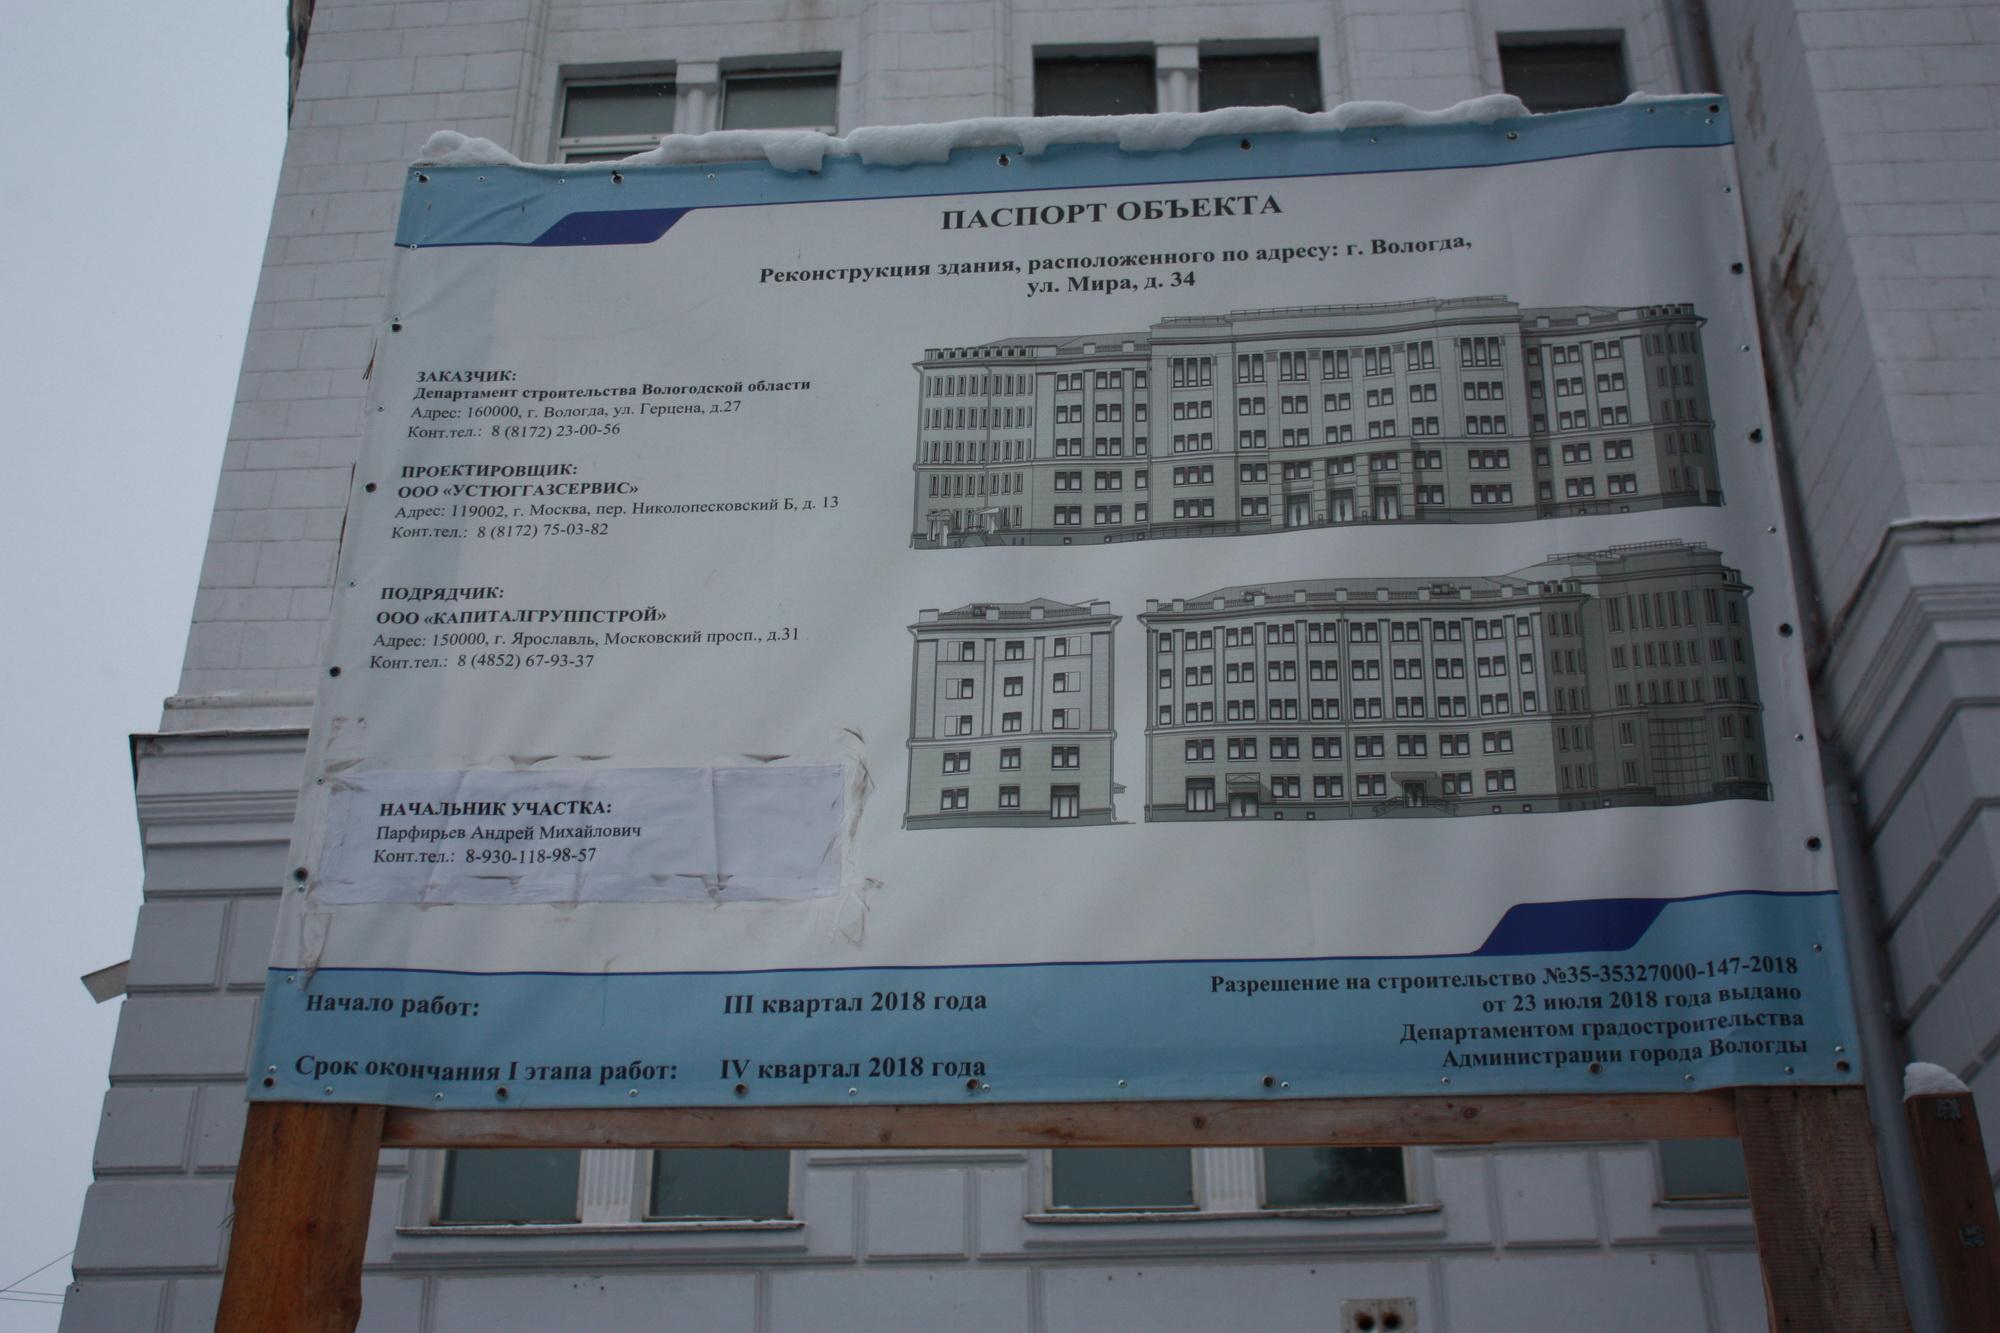 В Вологде четвертый раз перенесли срок реконструкции здания для картинной галереи